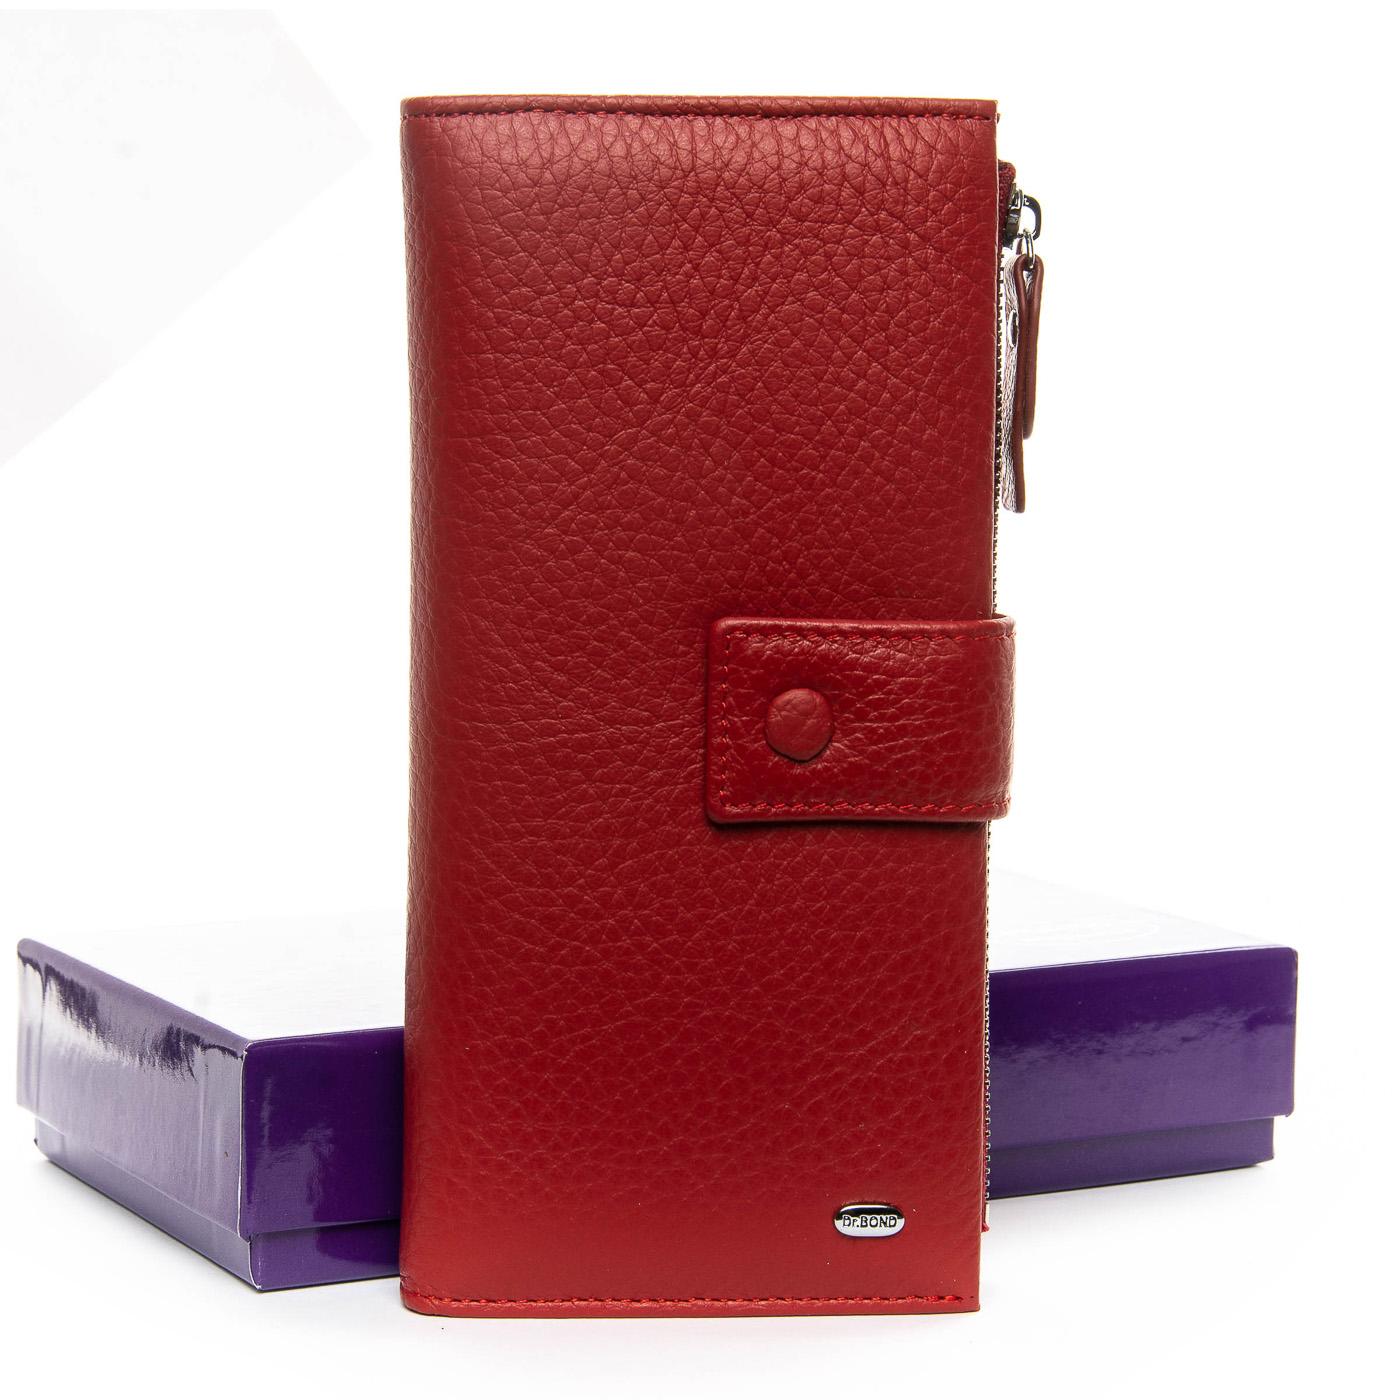 Функциональный женский кошелёк «Dr.Bond» из красной натуральной кожи купить. Цена 885 грн